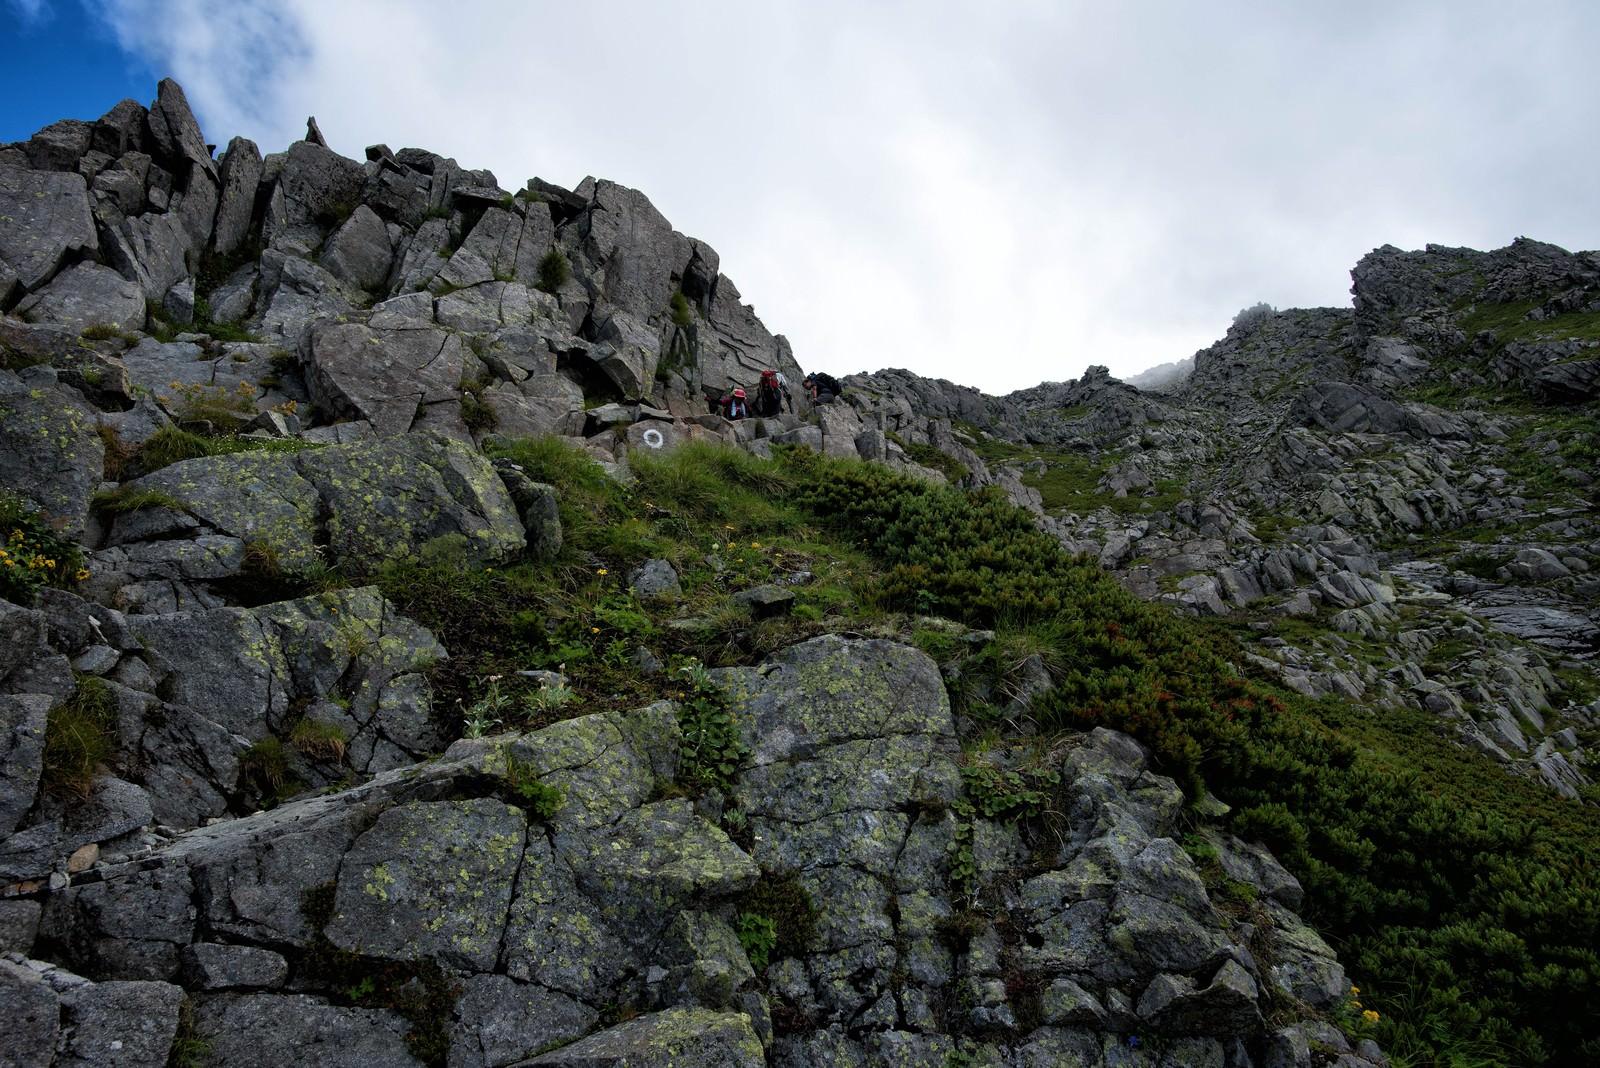 「前穂高岳の山頂直下に聳え立つ岩場」の写真